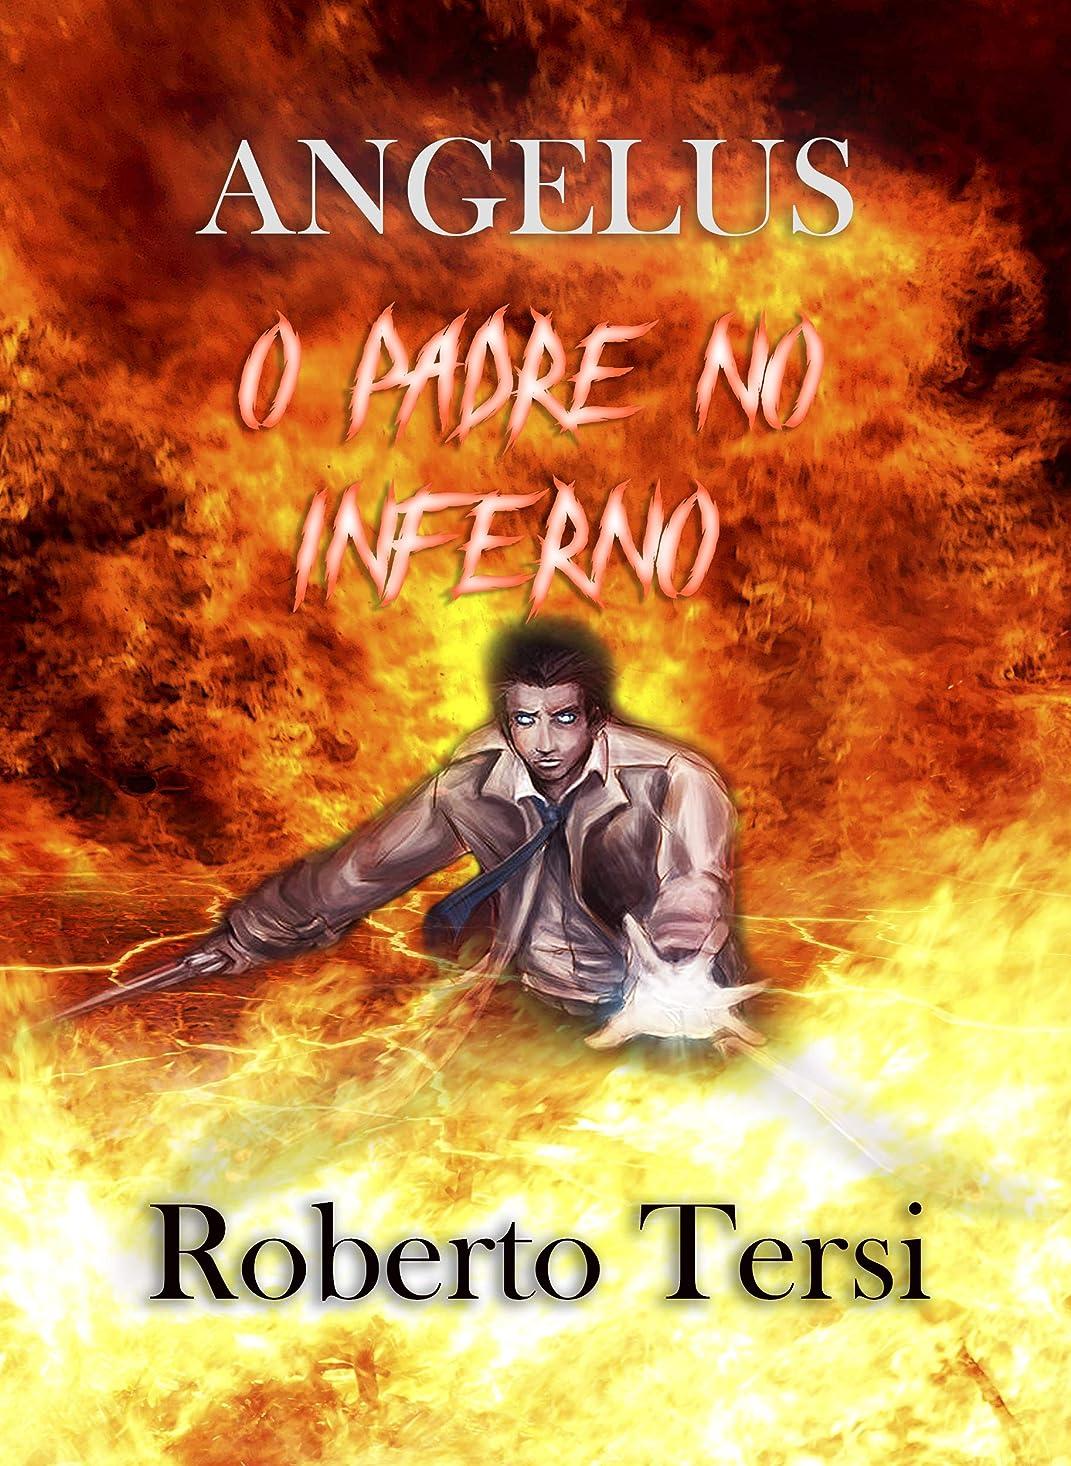 真似る寄稿者不足Angelus: O Padre no Inferno (Portuguese Edition)